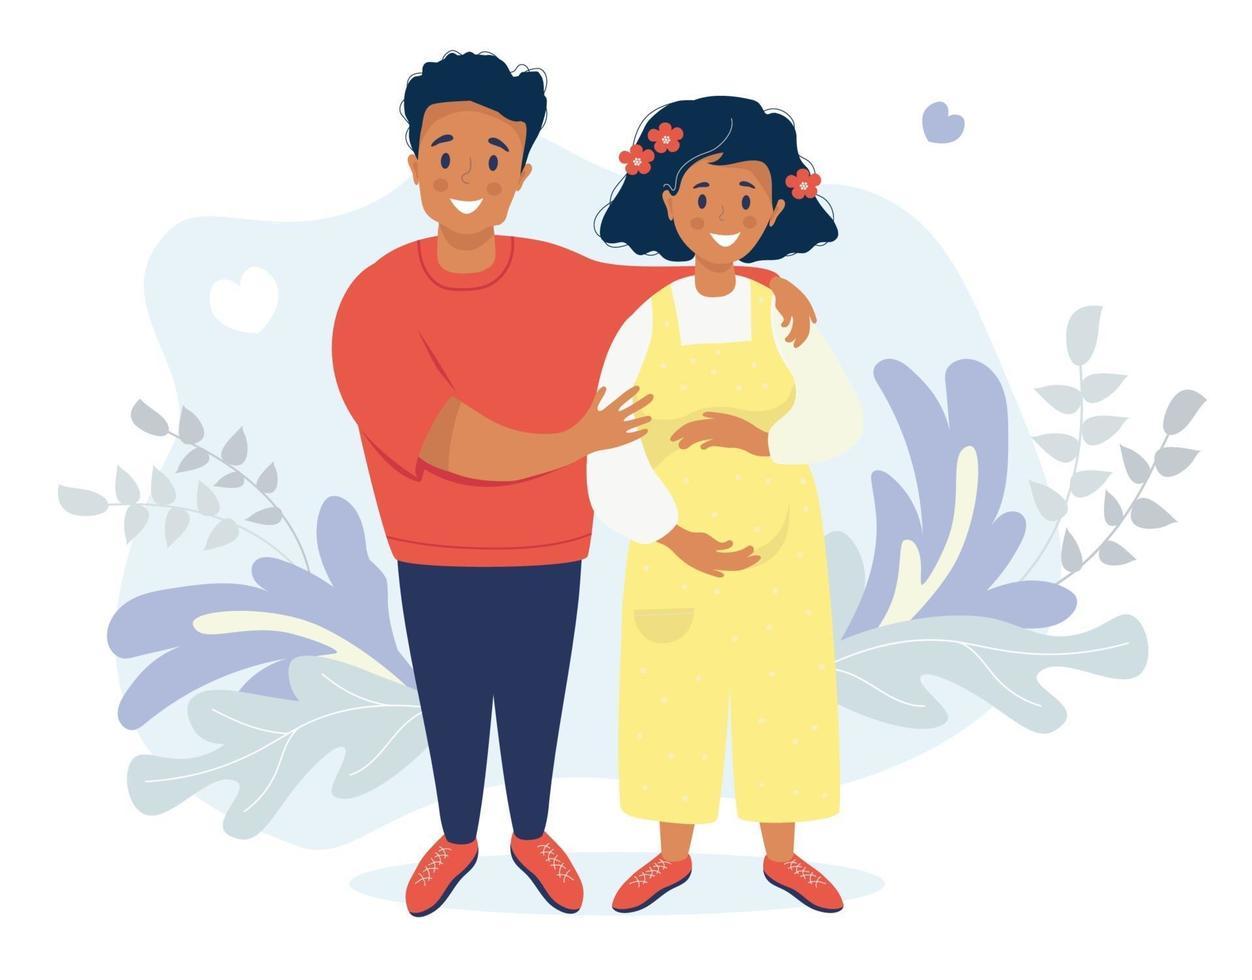 vetor plana de família feliz. feliz mulher grávida de macacão amarelo, acariciando sua barriga com as mãos. o marido a abraça. vetor. em um fundo com folhas tropicais